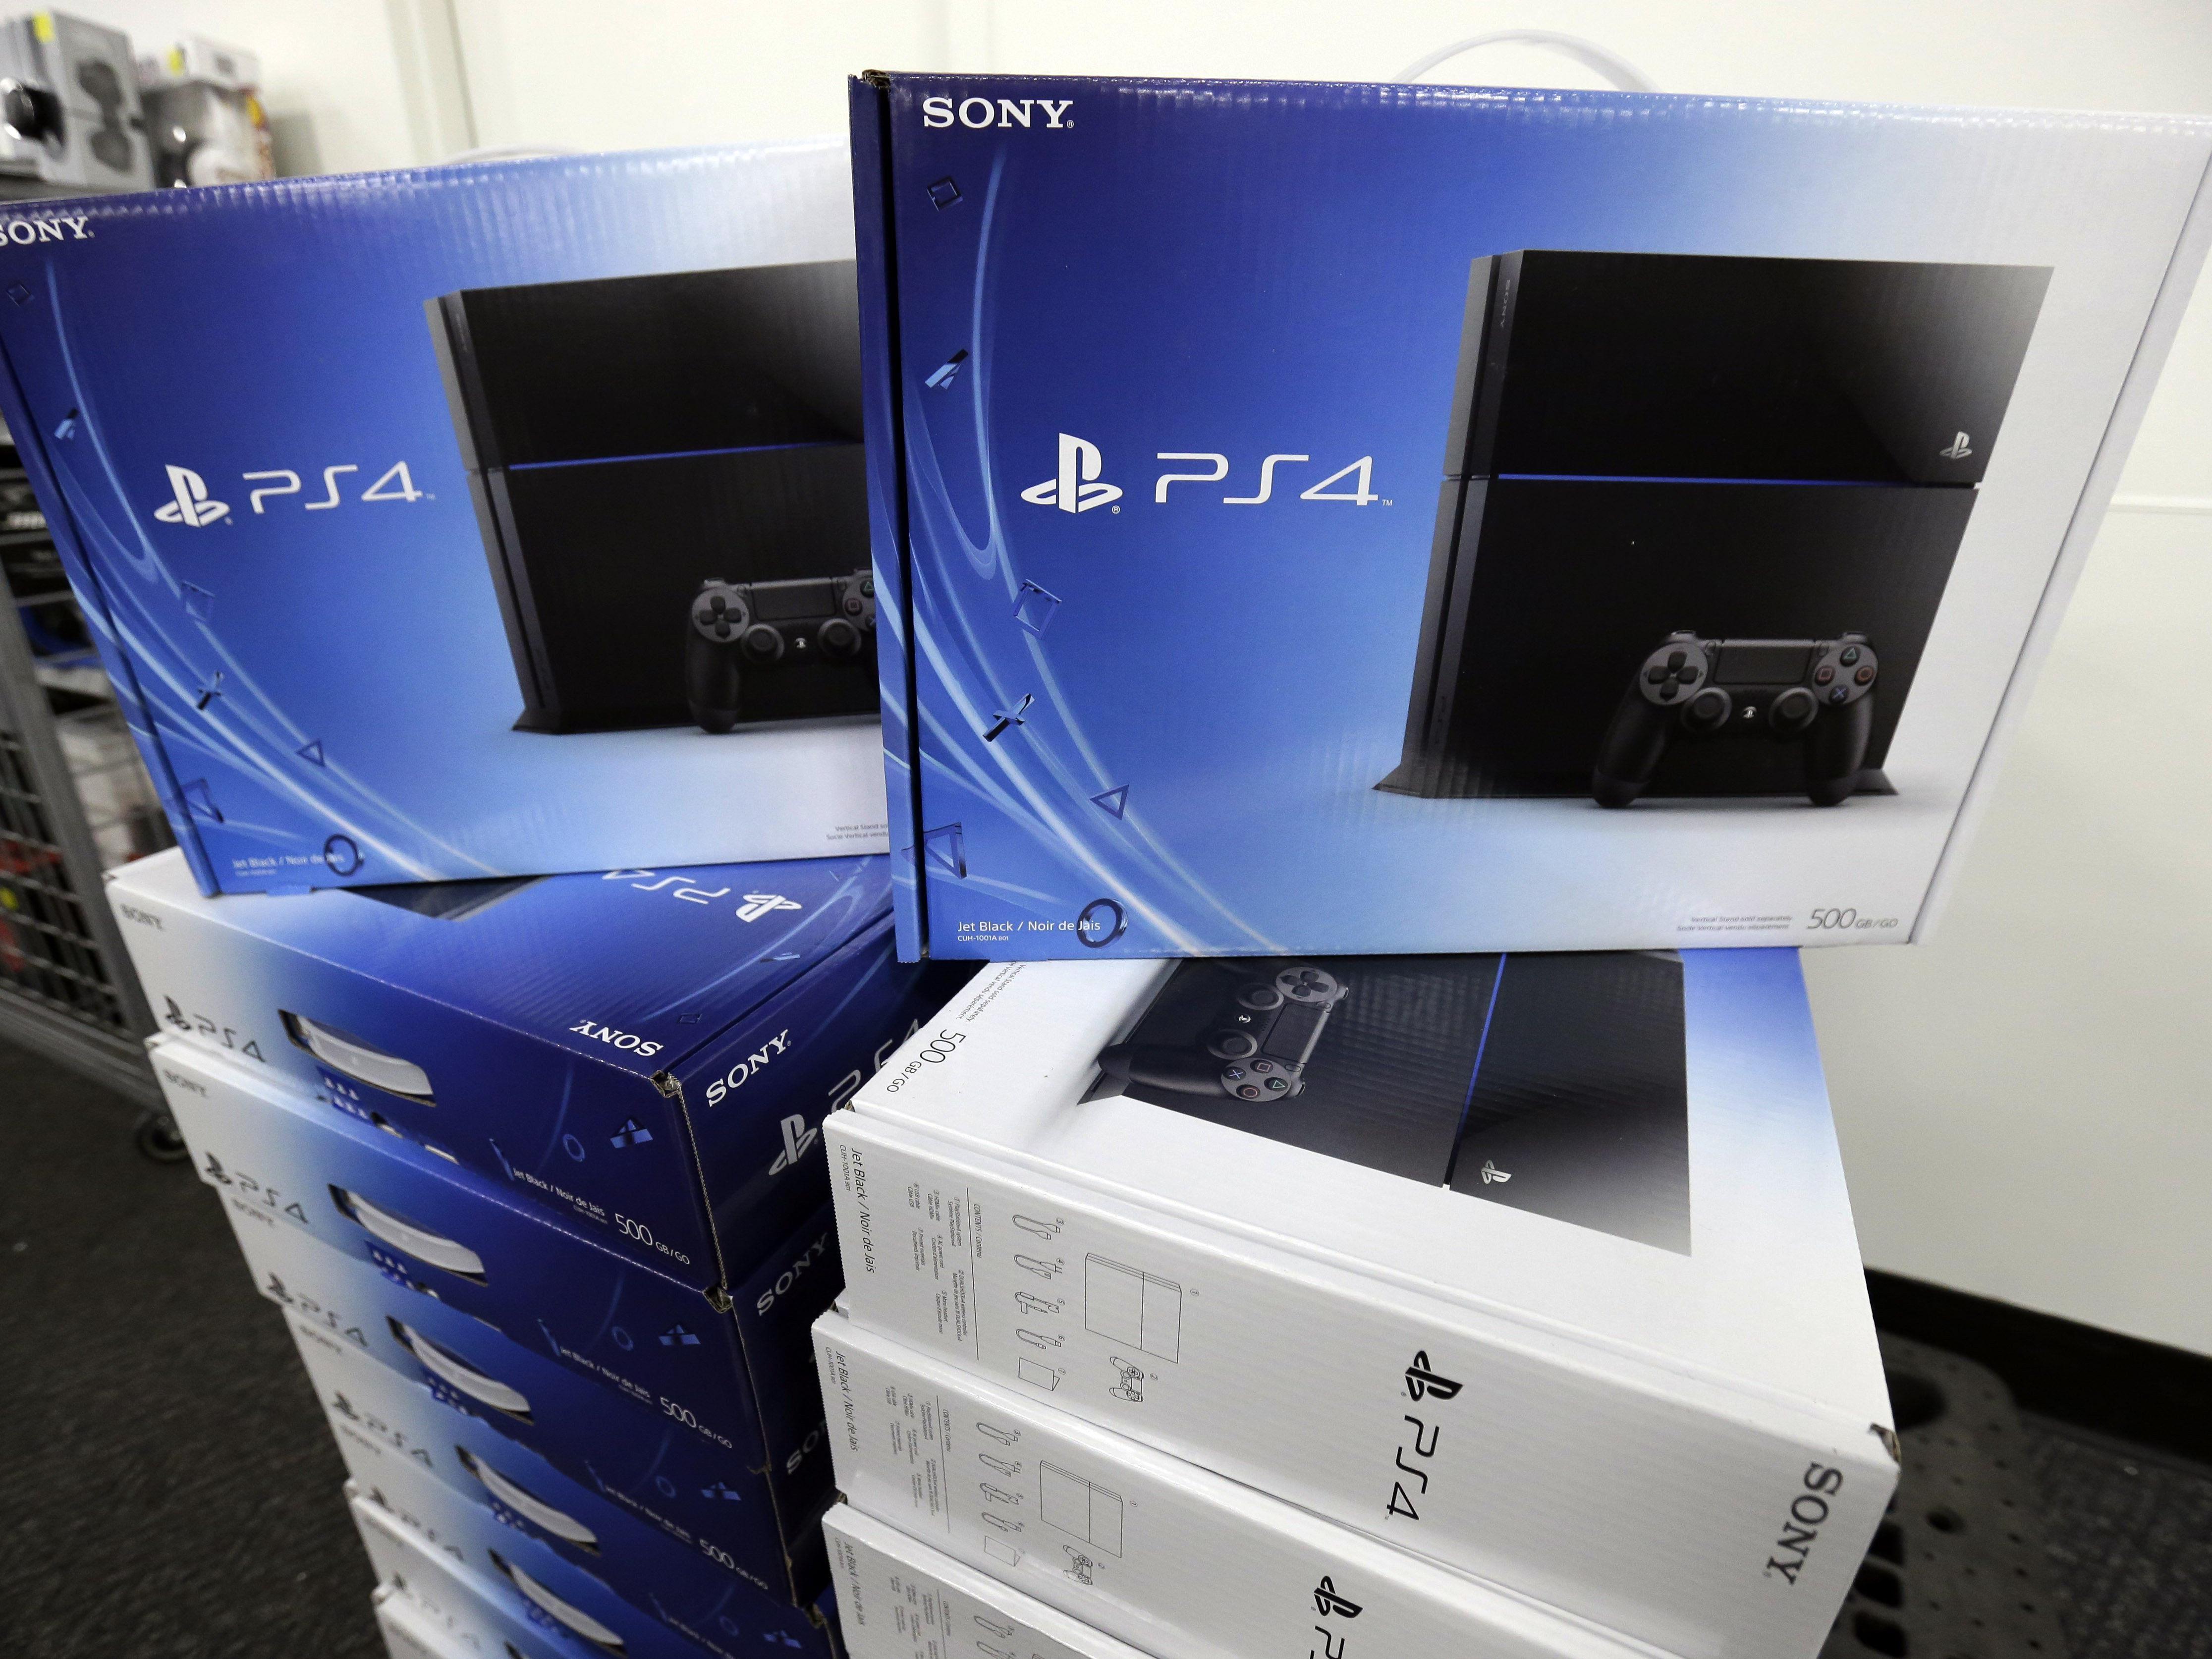 Duell der Konsolen: Sonys Playstation 4 im Kampf um die Herzen der Spieler voran.